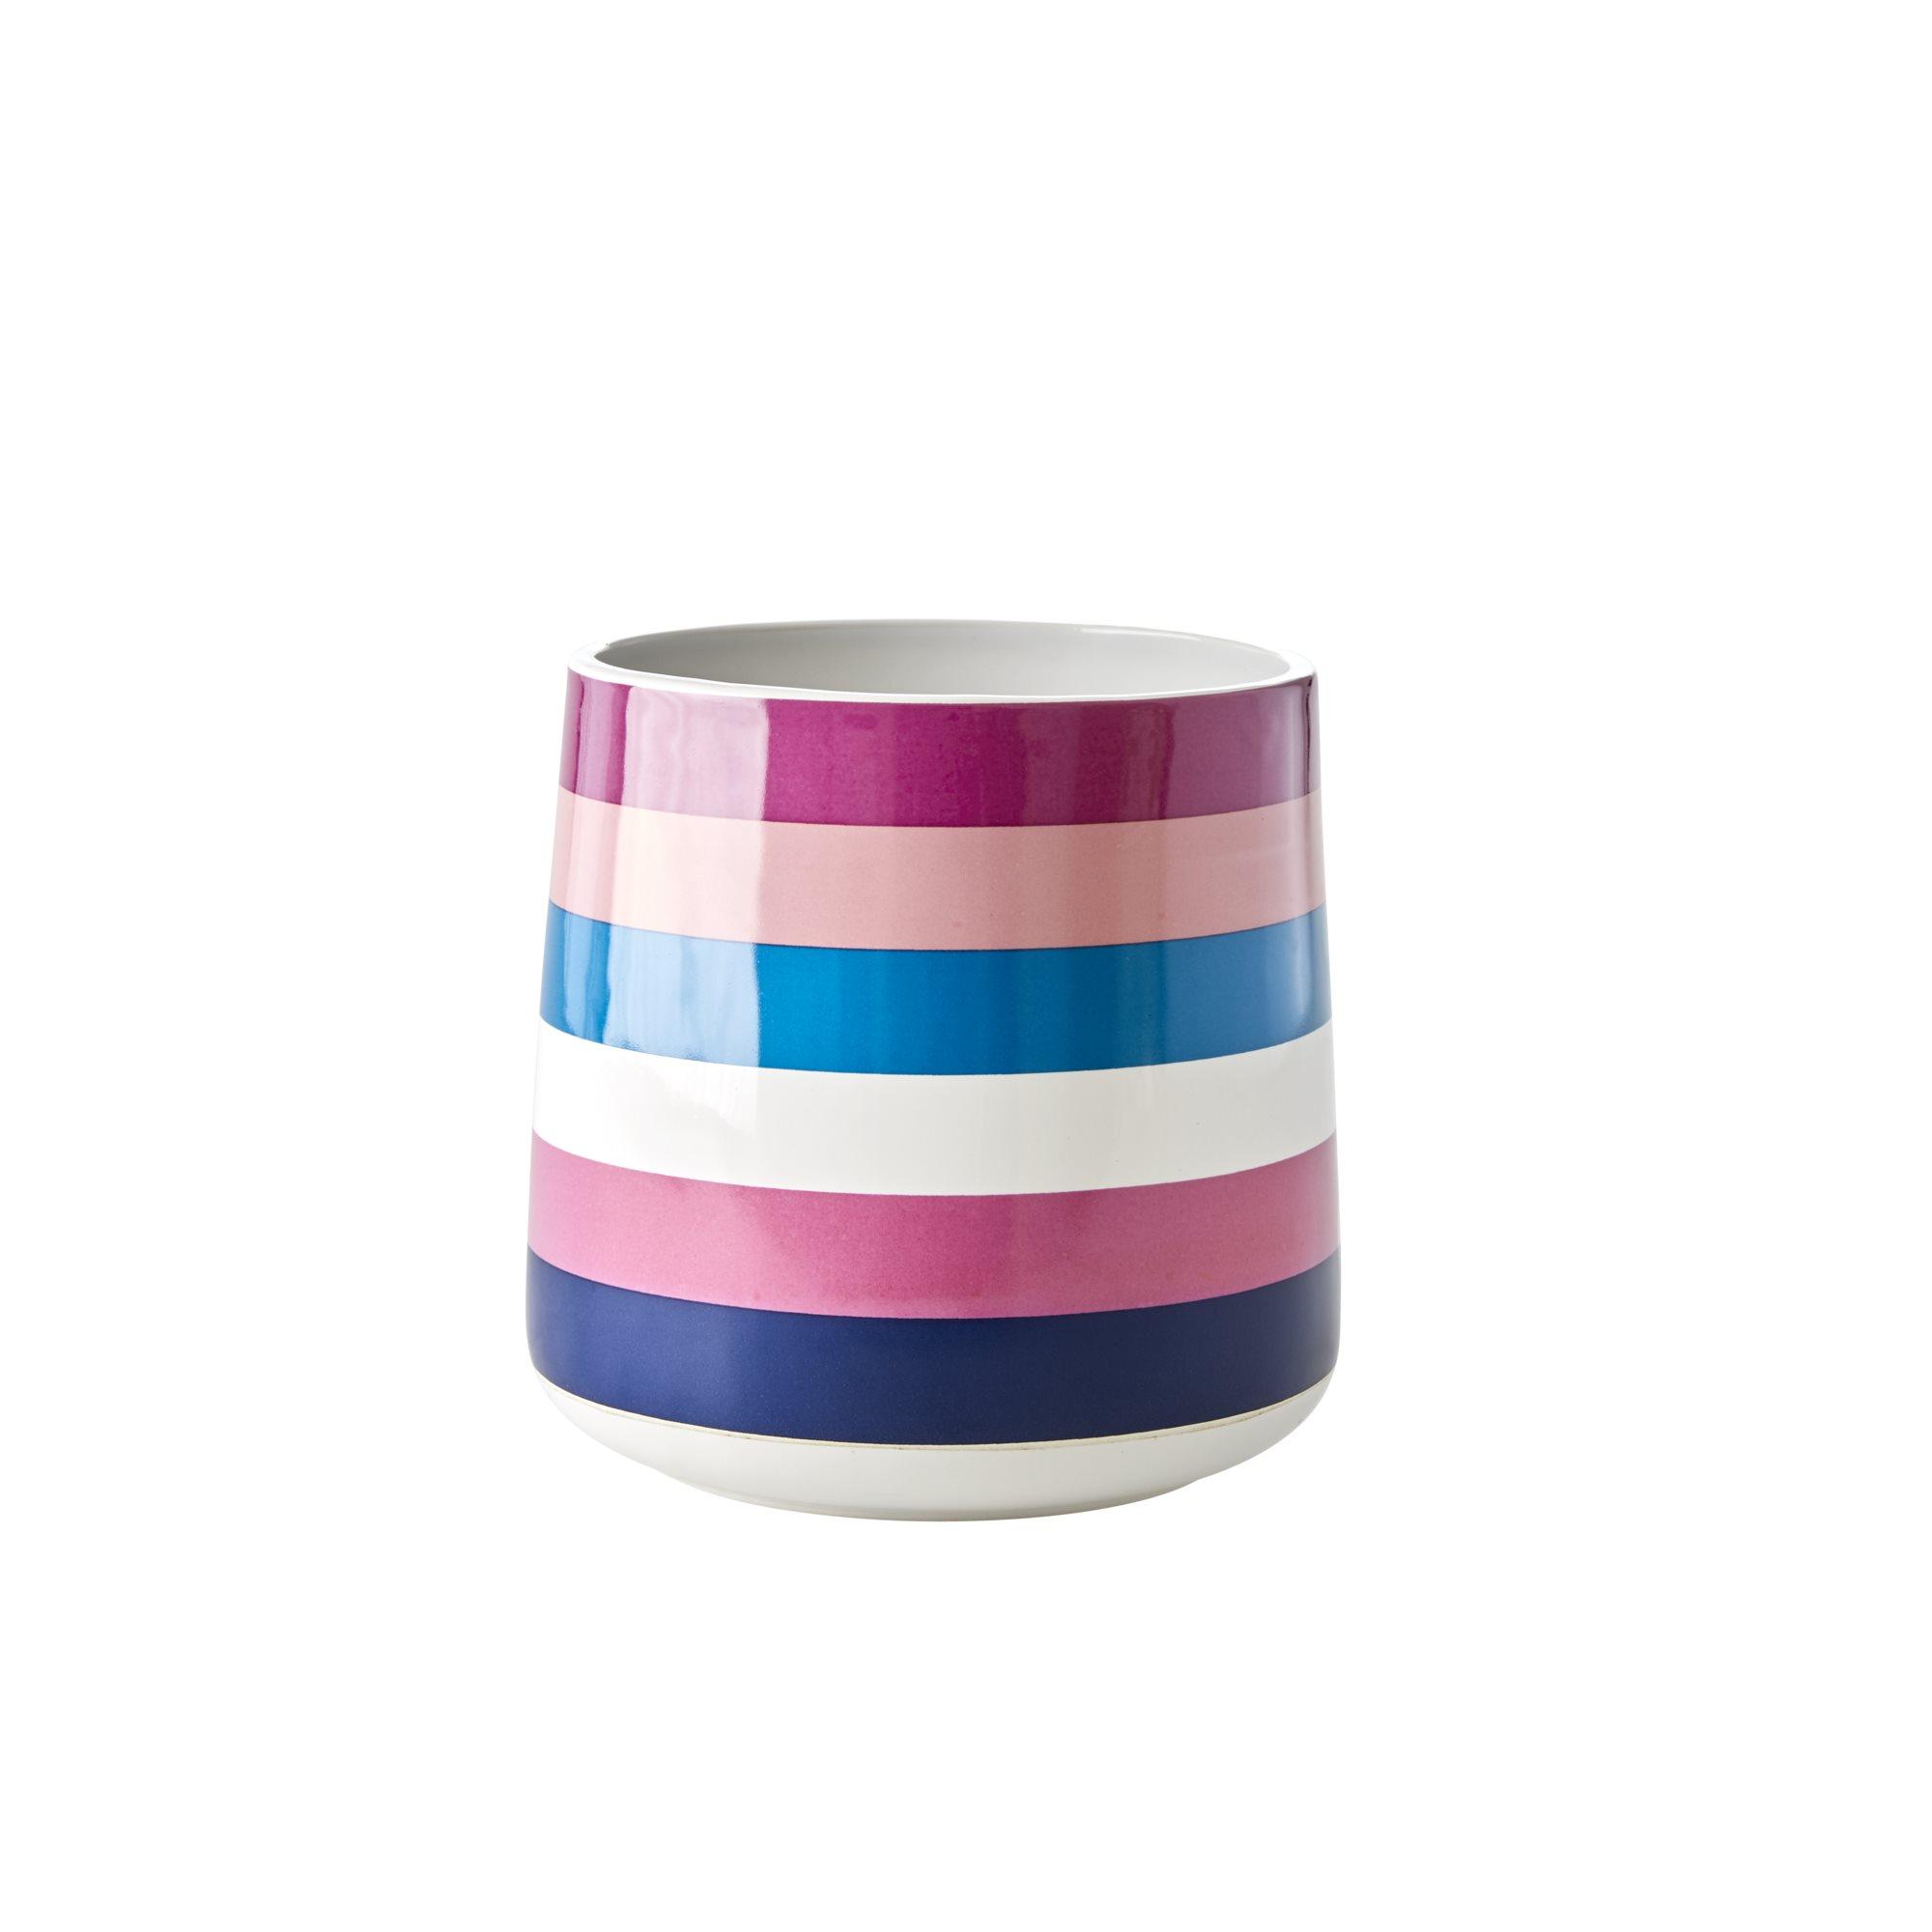 Rice - Ceramic Jar for Utensils - Stripes